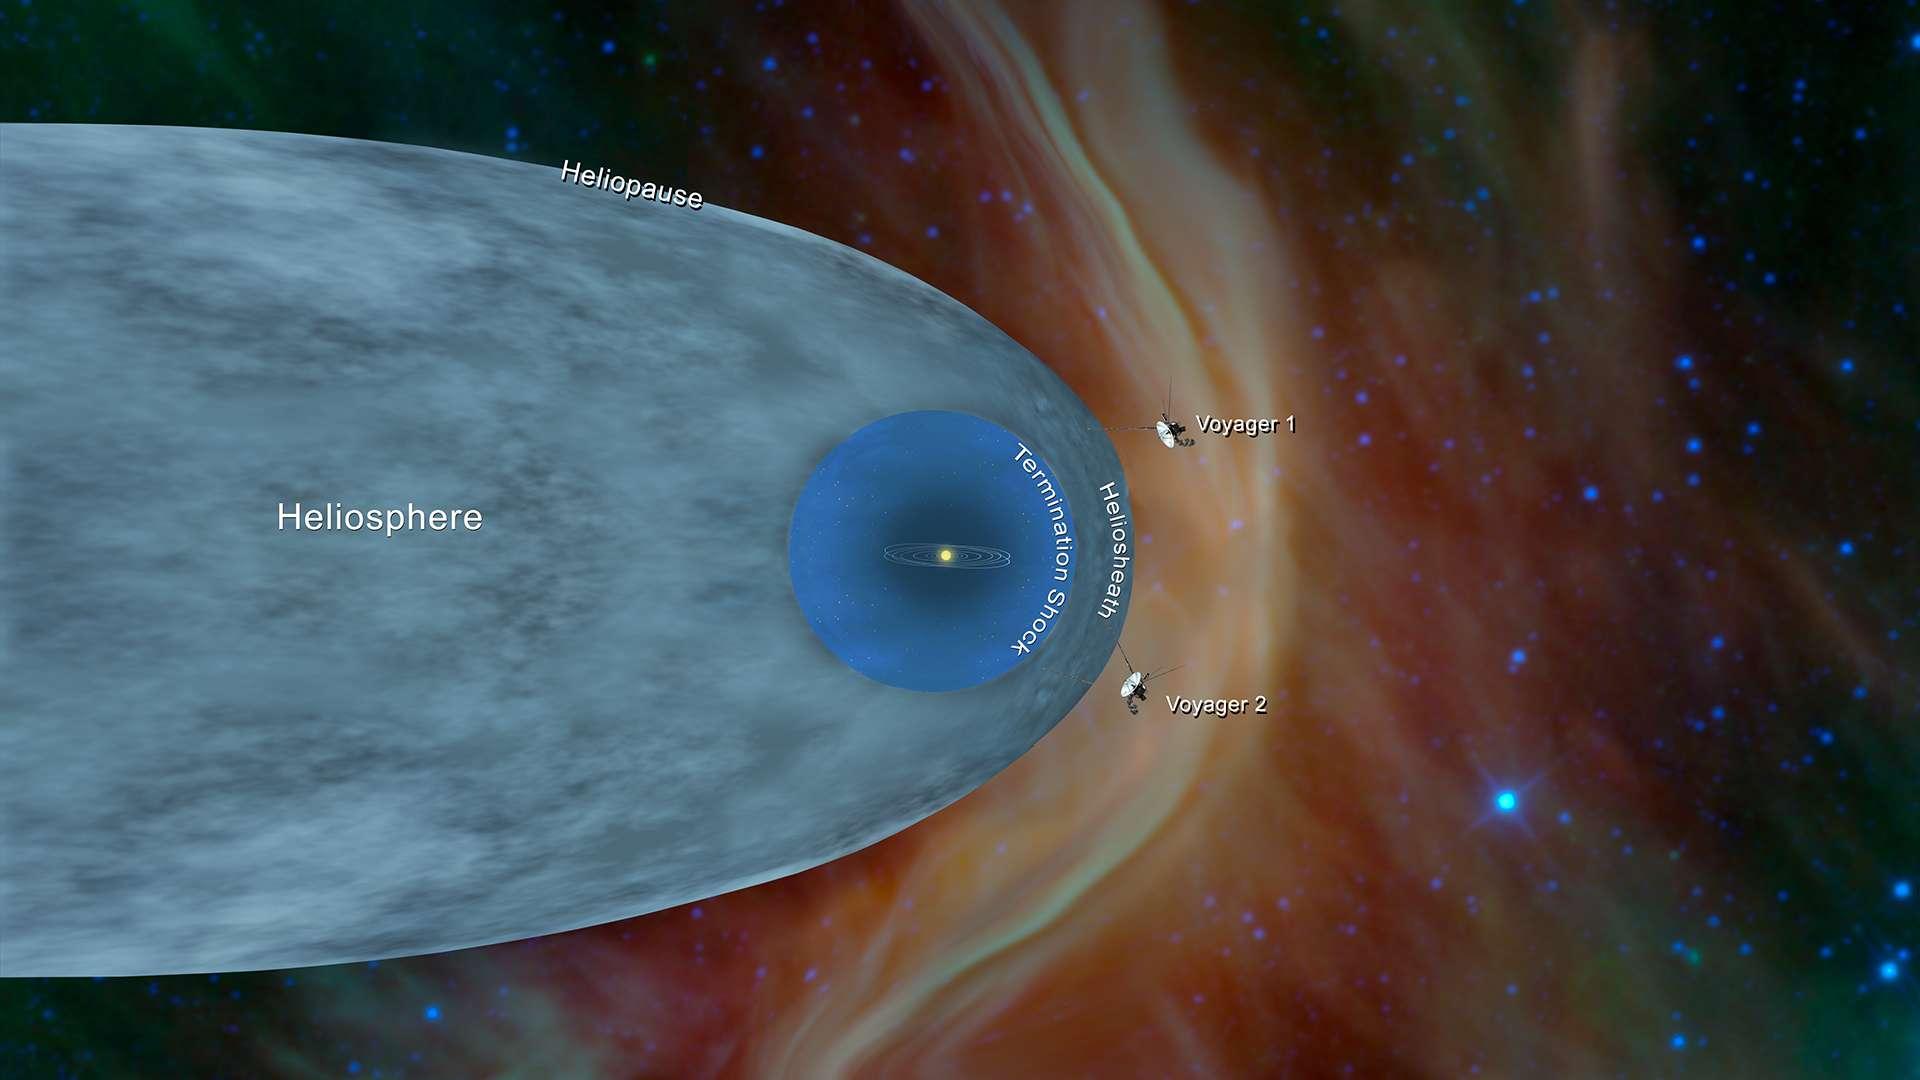 La sonde Voyager 2 a franchi la frontière de l'héliosphère et fonce à travers l'espace interstellaire depuis le 5 novembre 2018. © Nasa/JPL-Caltech